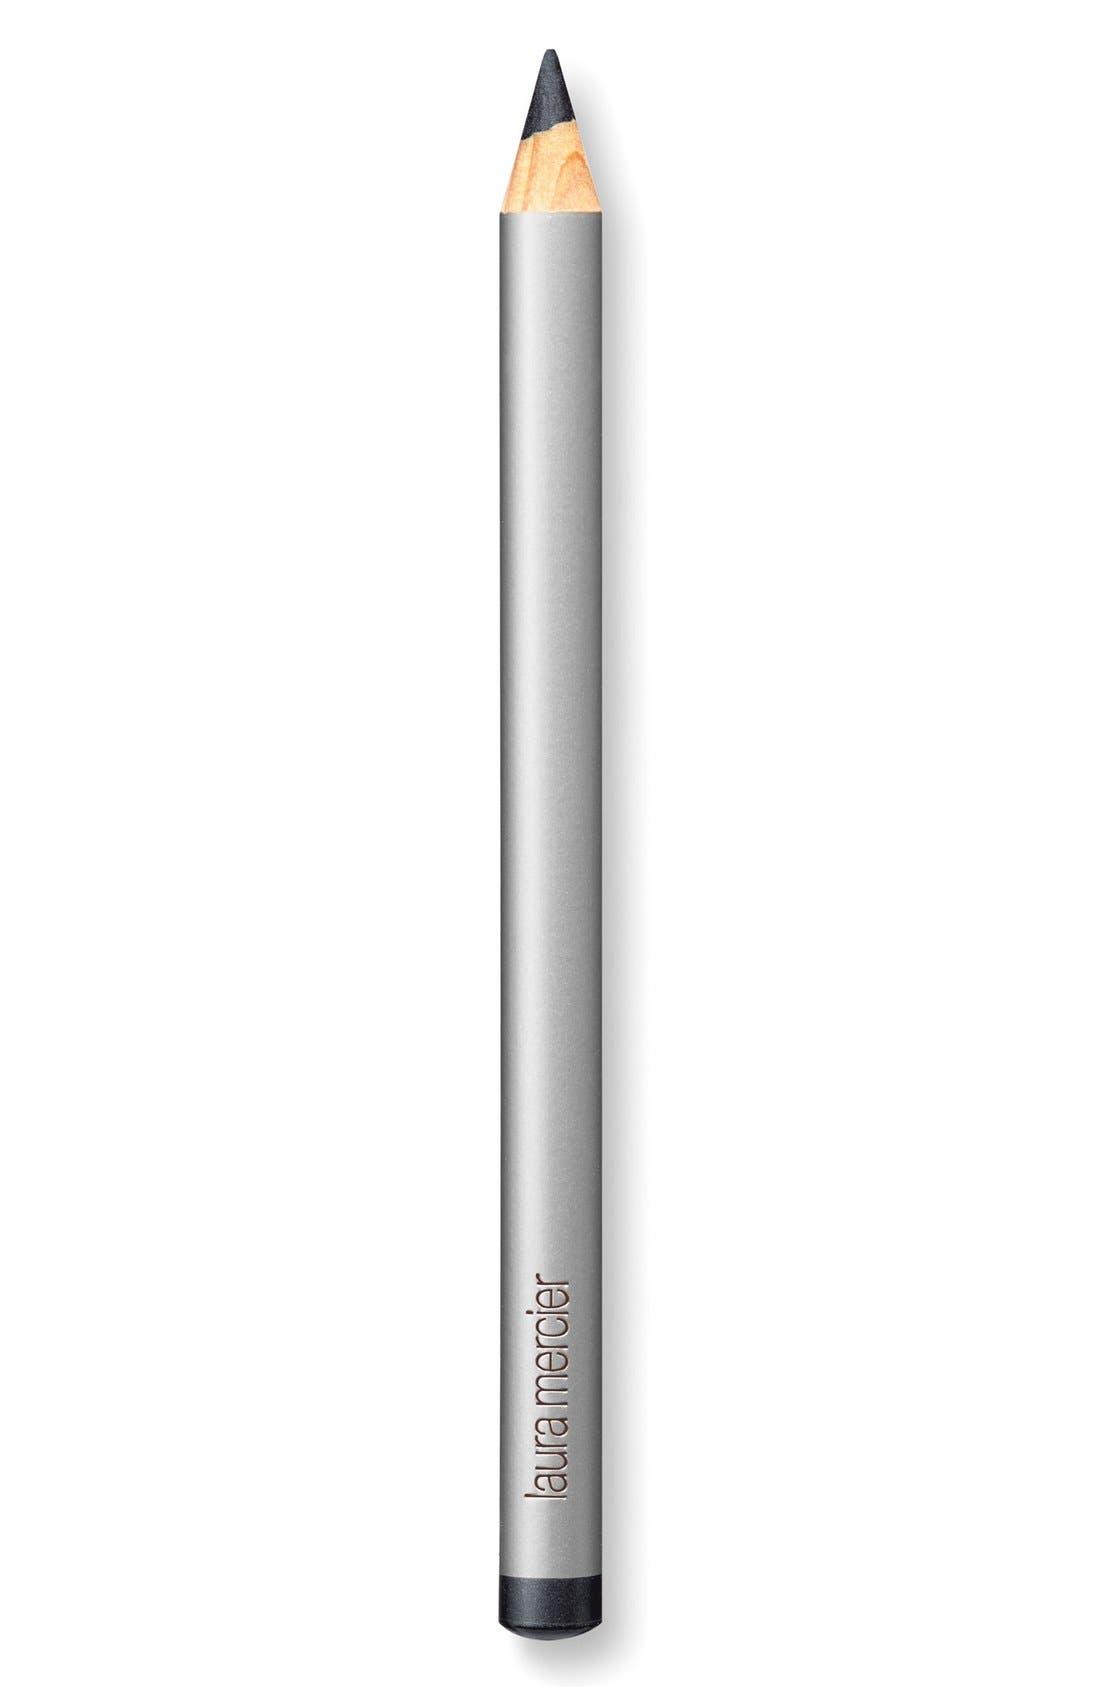 Kohl Eye Pencil,                         Main,                         color,